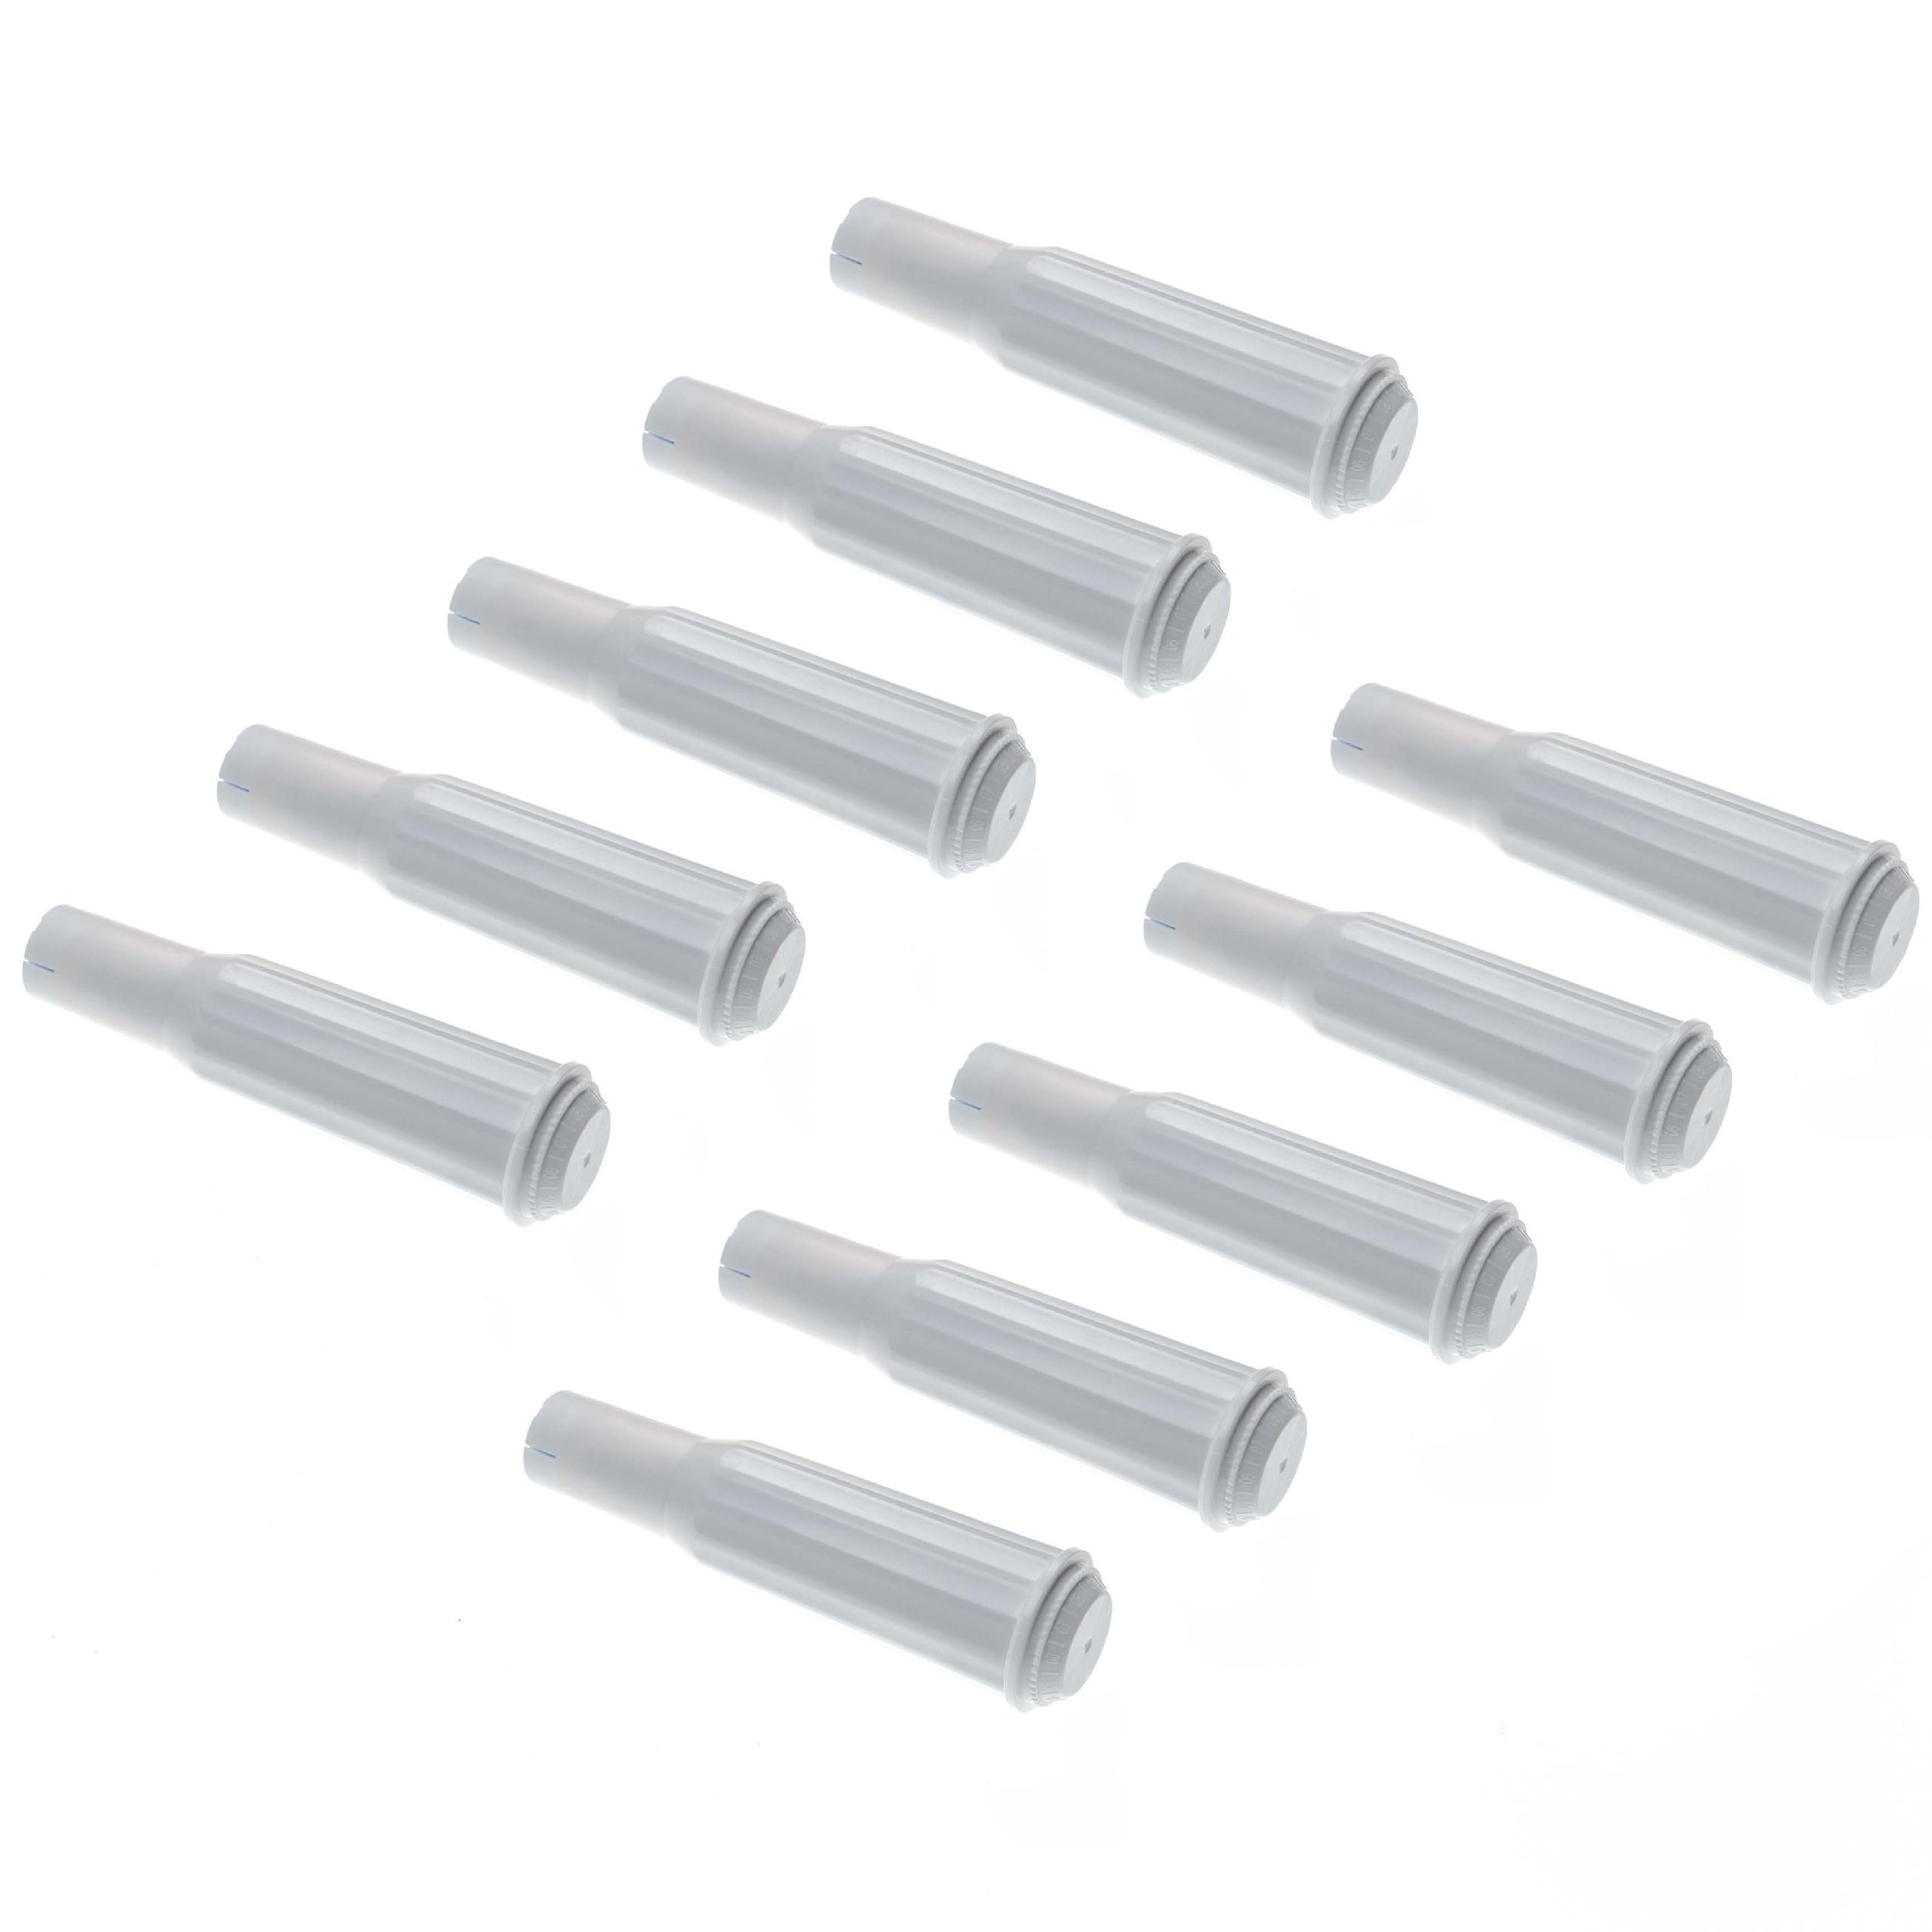 10 filtro de agua para jura Impressa compatible jura Claris Plus//White 60209